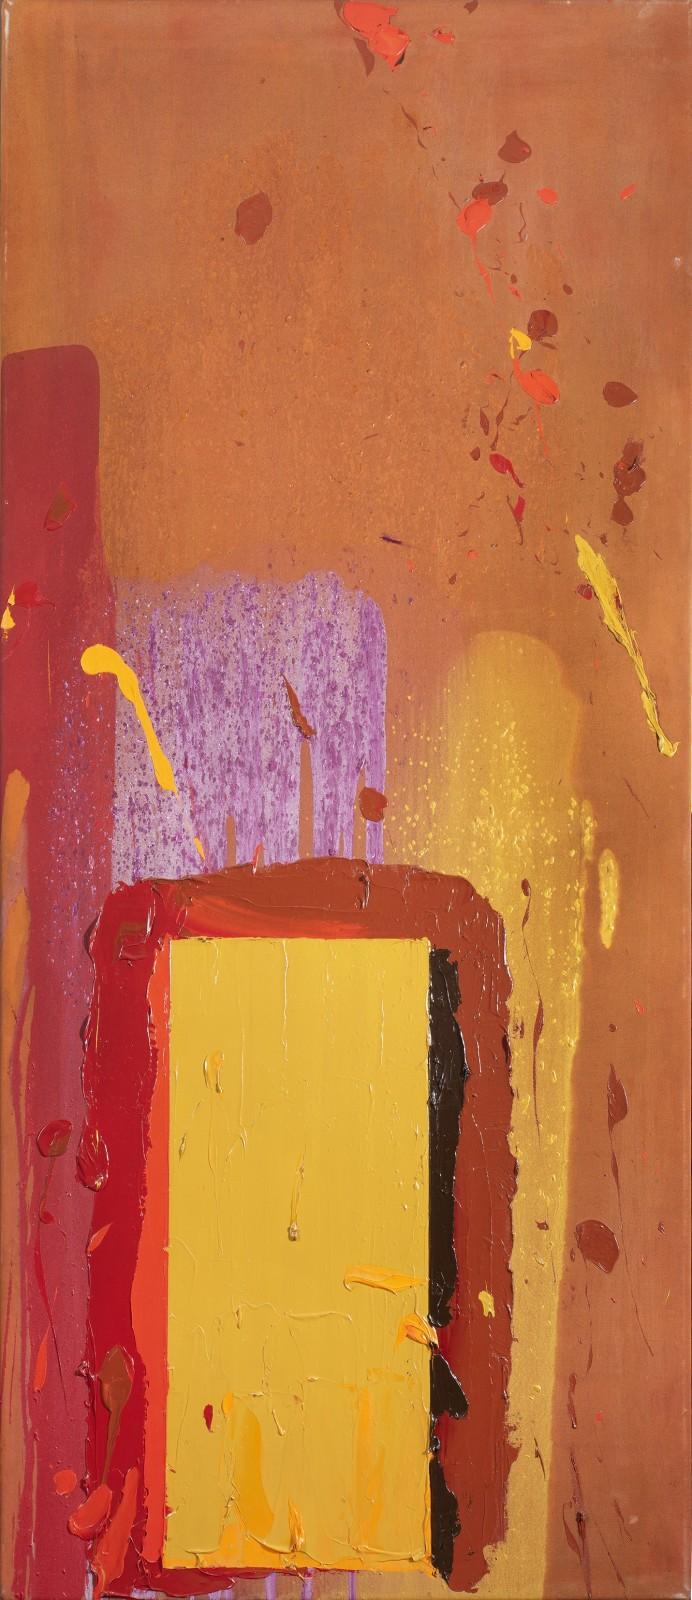 John Hoyland  Untitled, 1970  Acrylic on canvas  183 × 76 cm